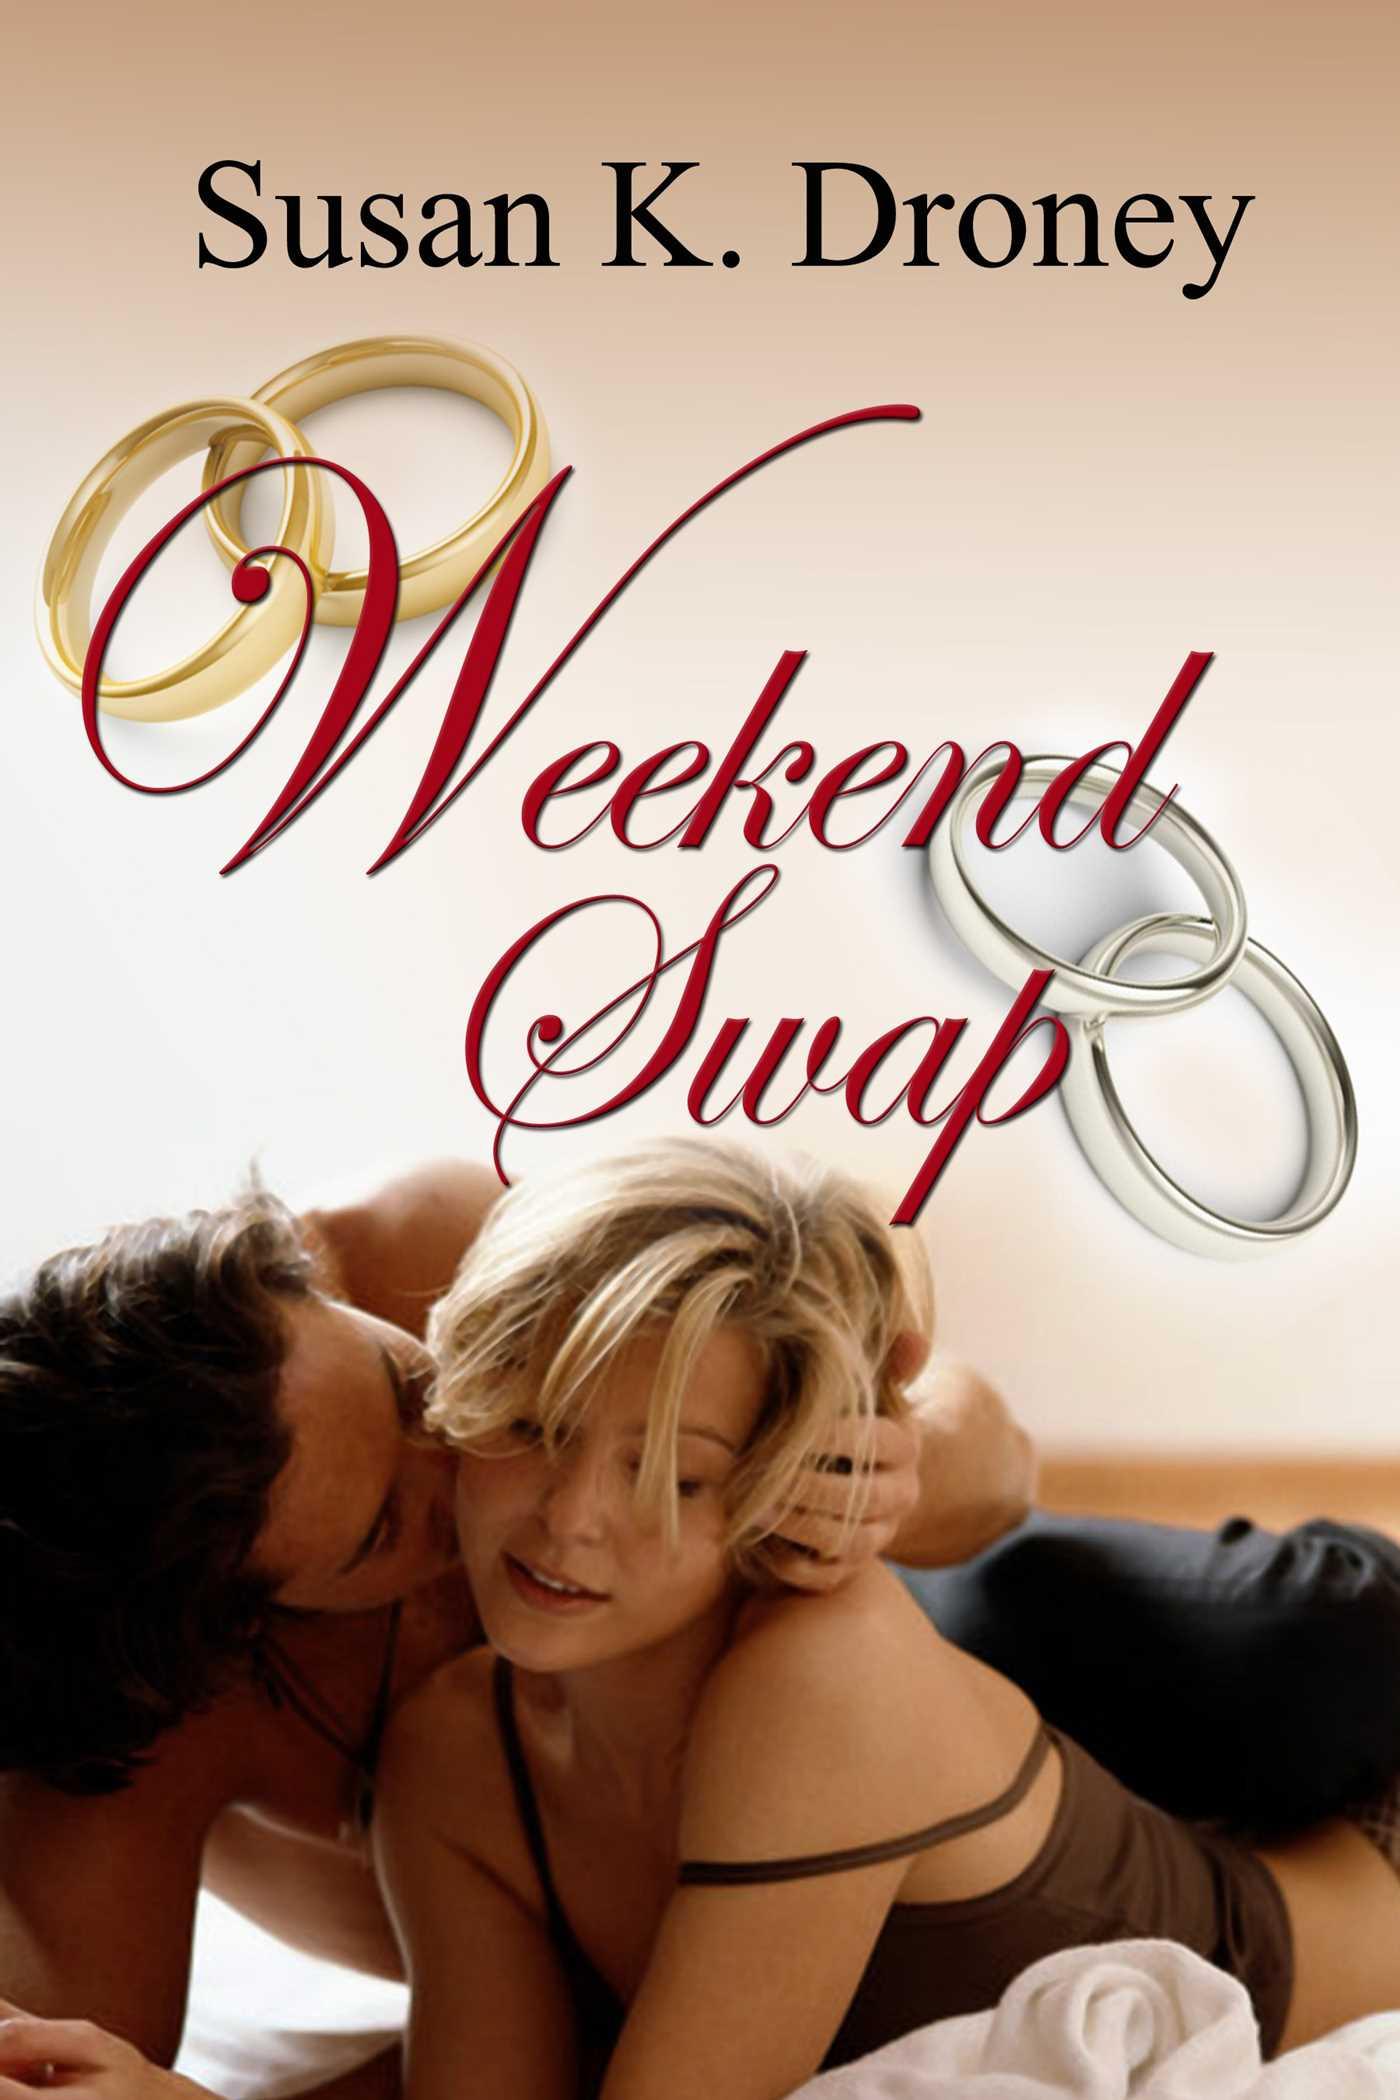 Weekend swap 9781611601619 hr